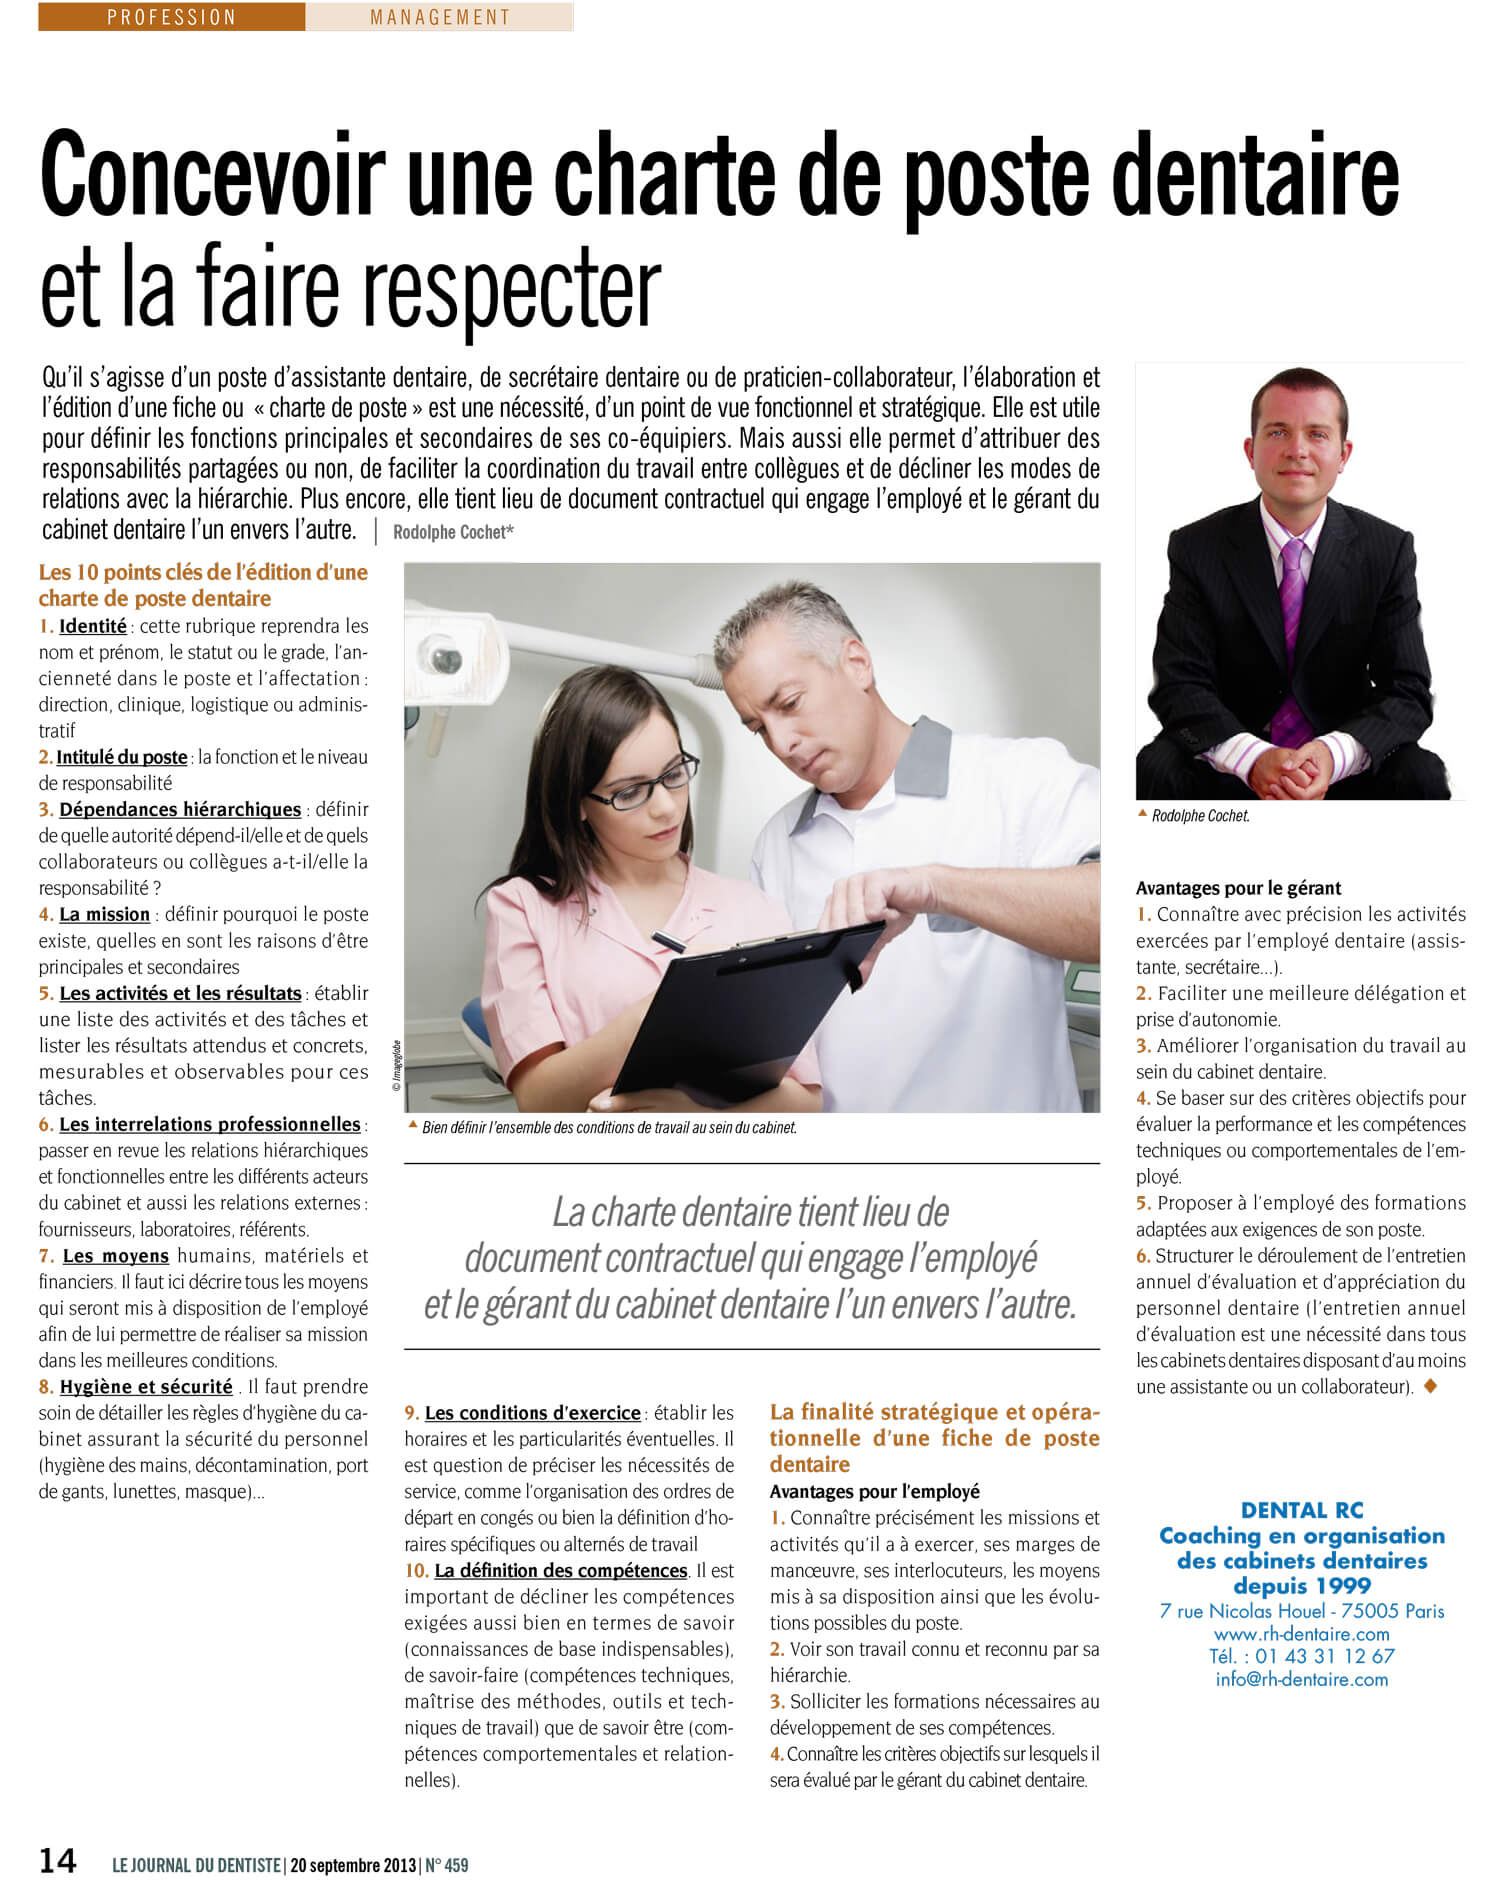 charte-poste-cabinet-dentaire-journal-dentiste-belgique-Rodolphe-Cochet.jpg